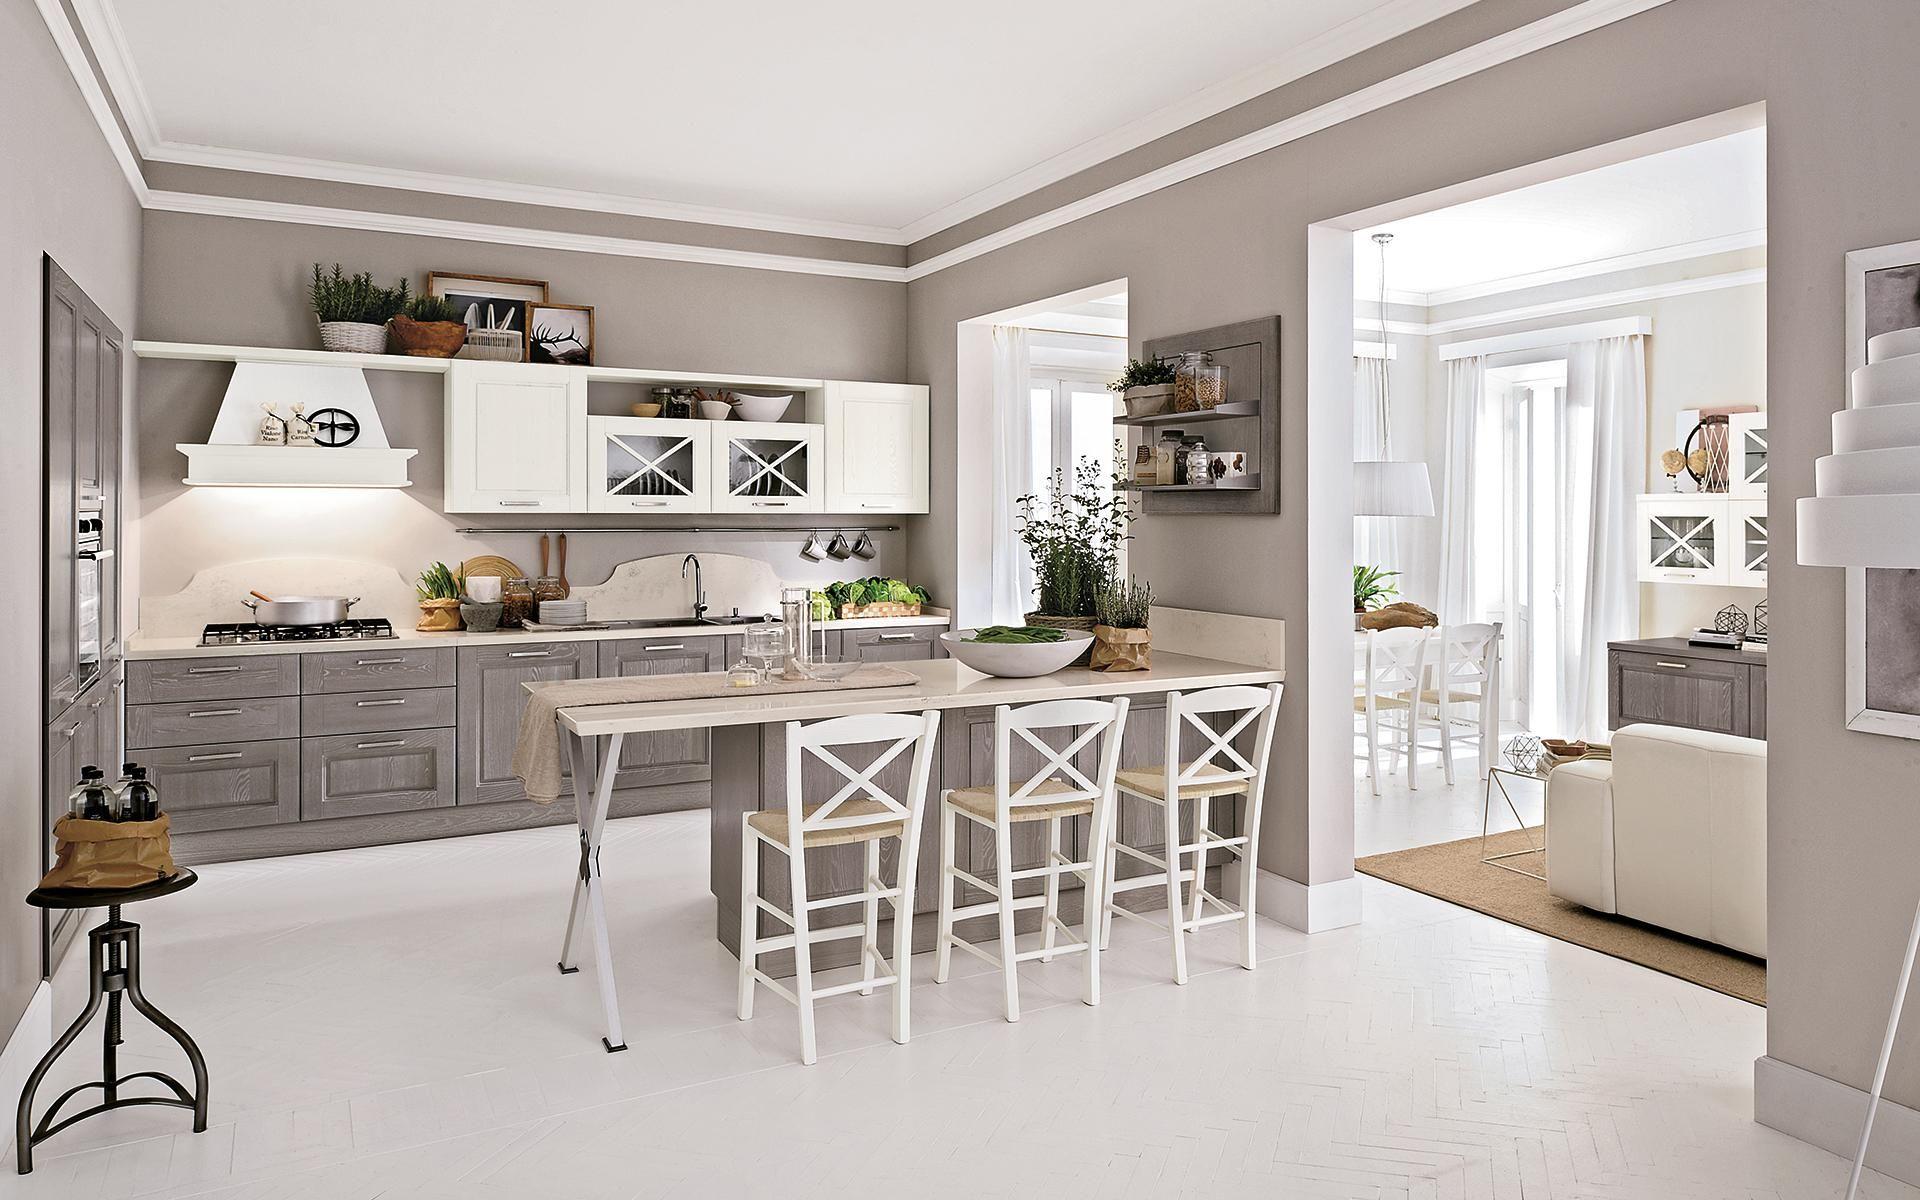 Cucina classica grigio chiaro e bianca | Casa nuova - Cucina | Pinterest